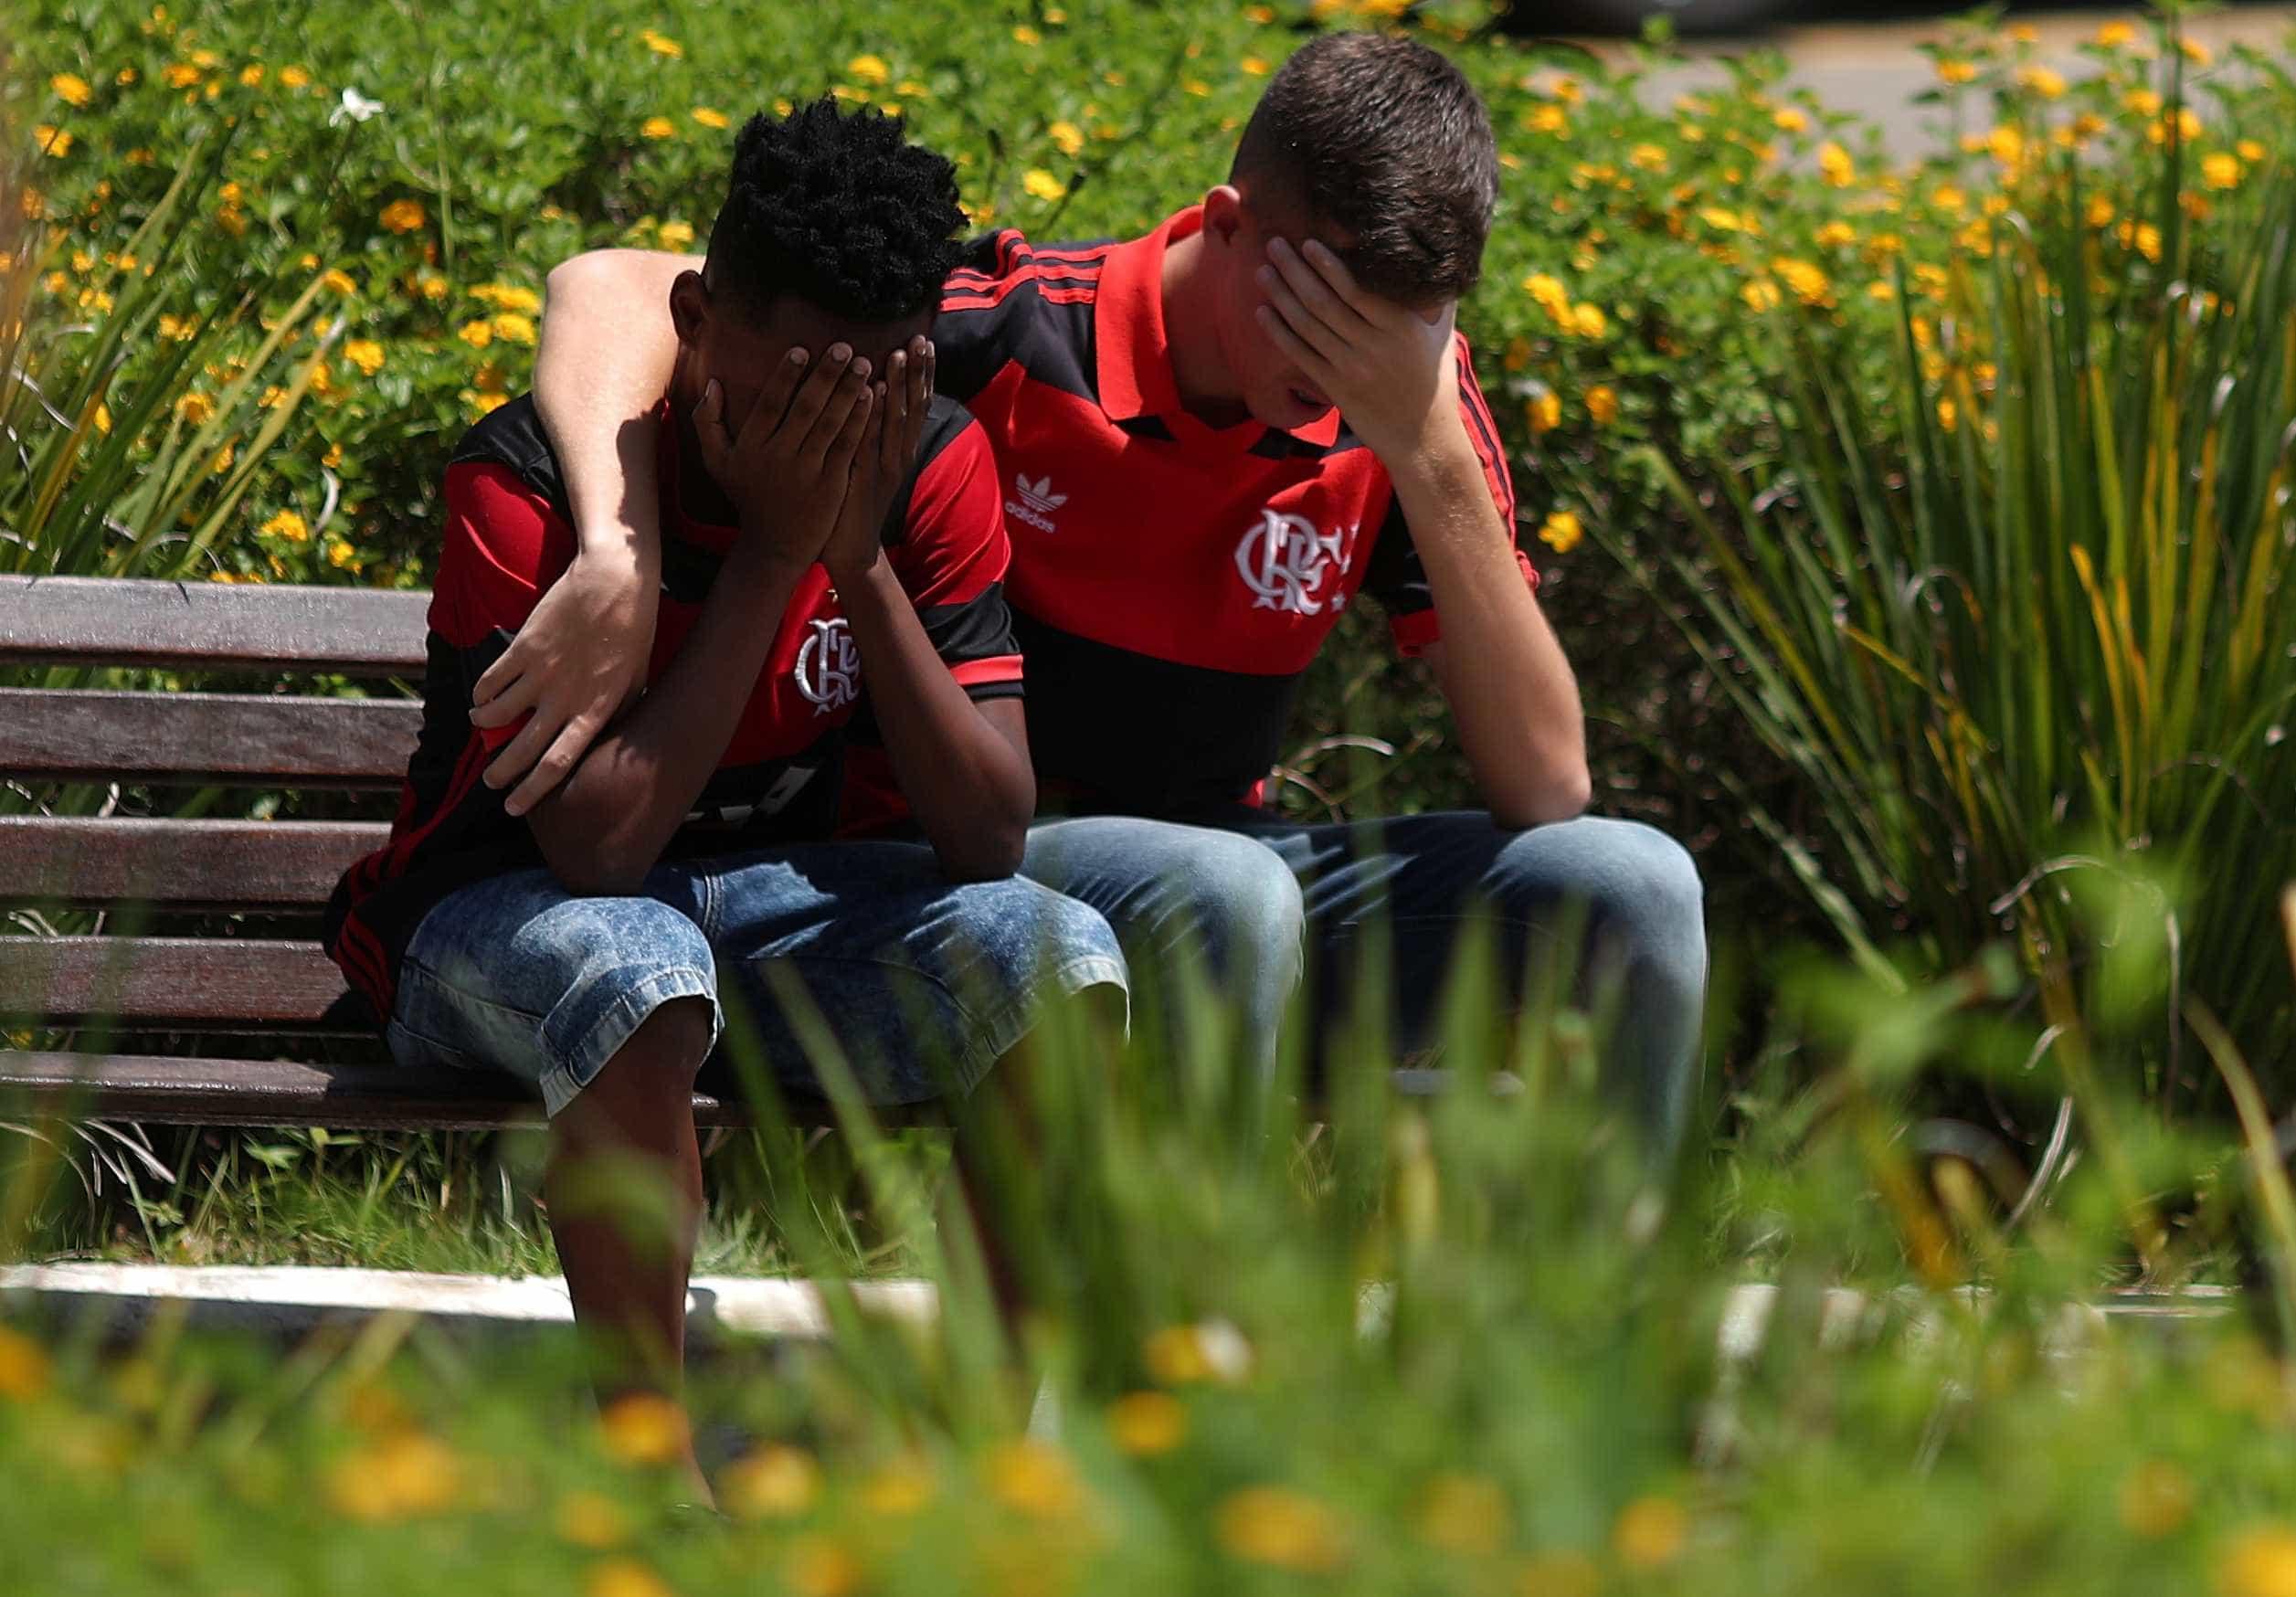 Justiça proíbe crianças e adolescentes no Ninho do Urubu